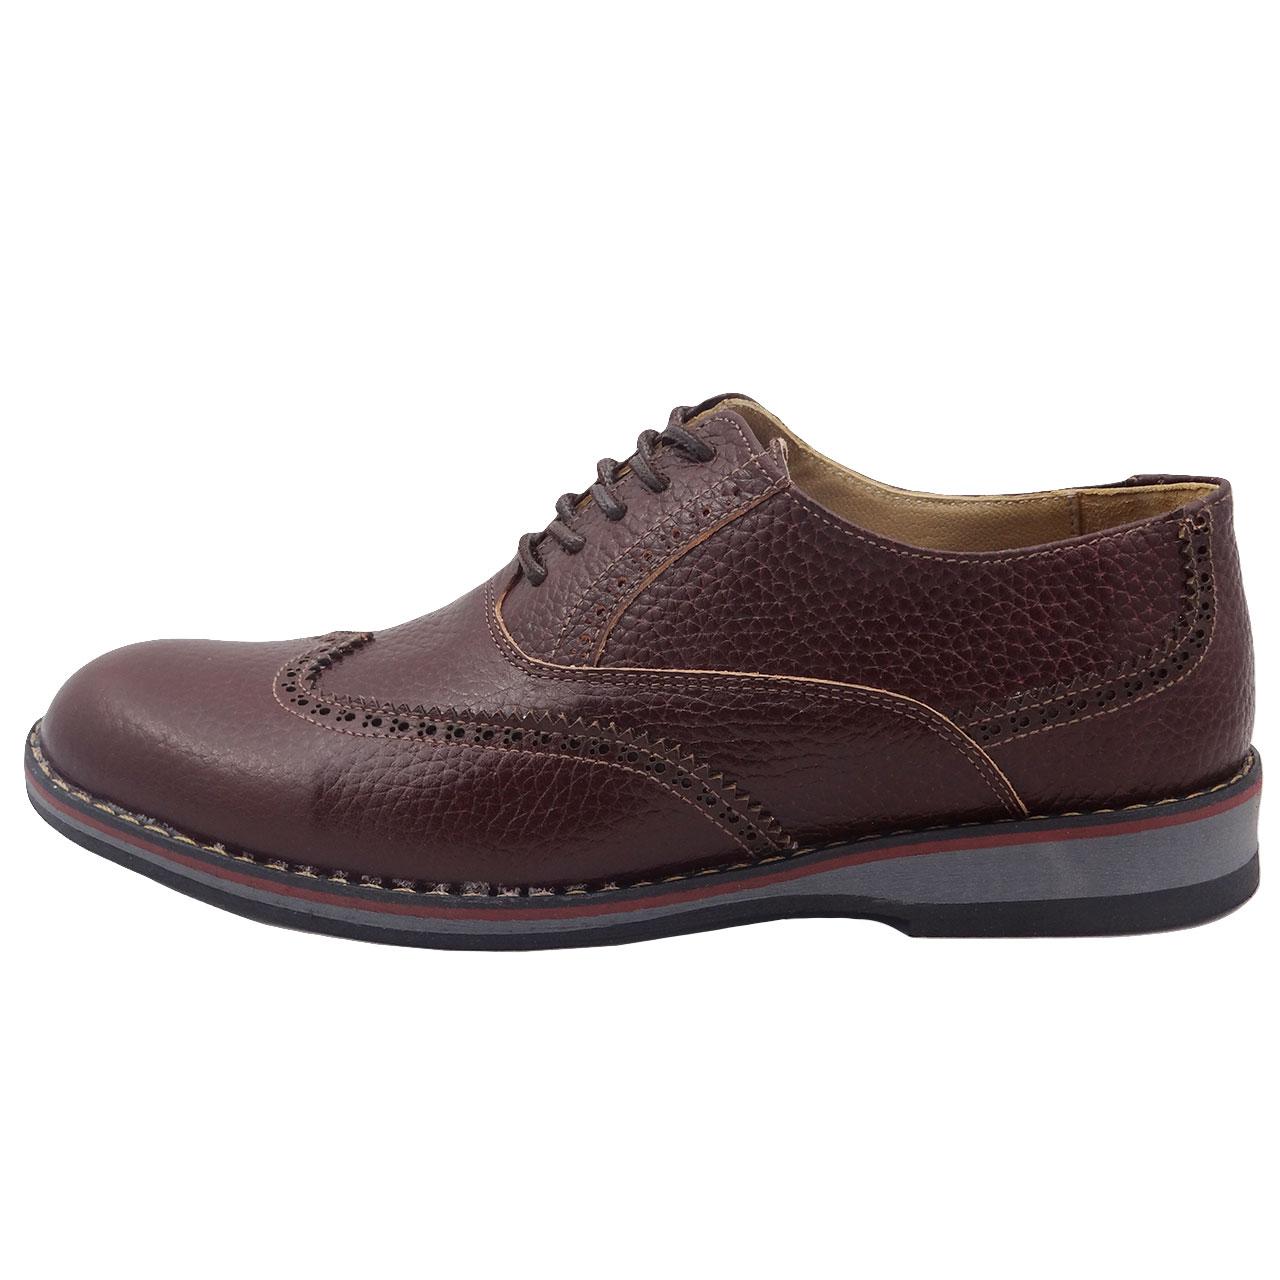 قیمت کفش چرمی مردانه طرح هشت ترک کد A15